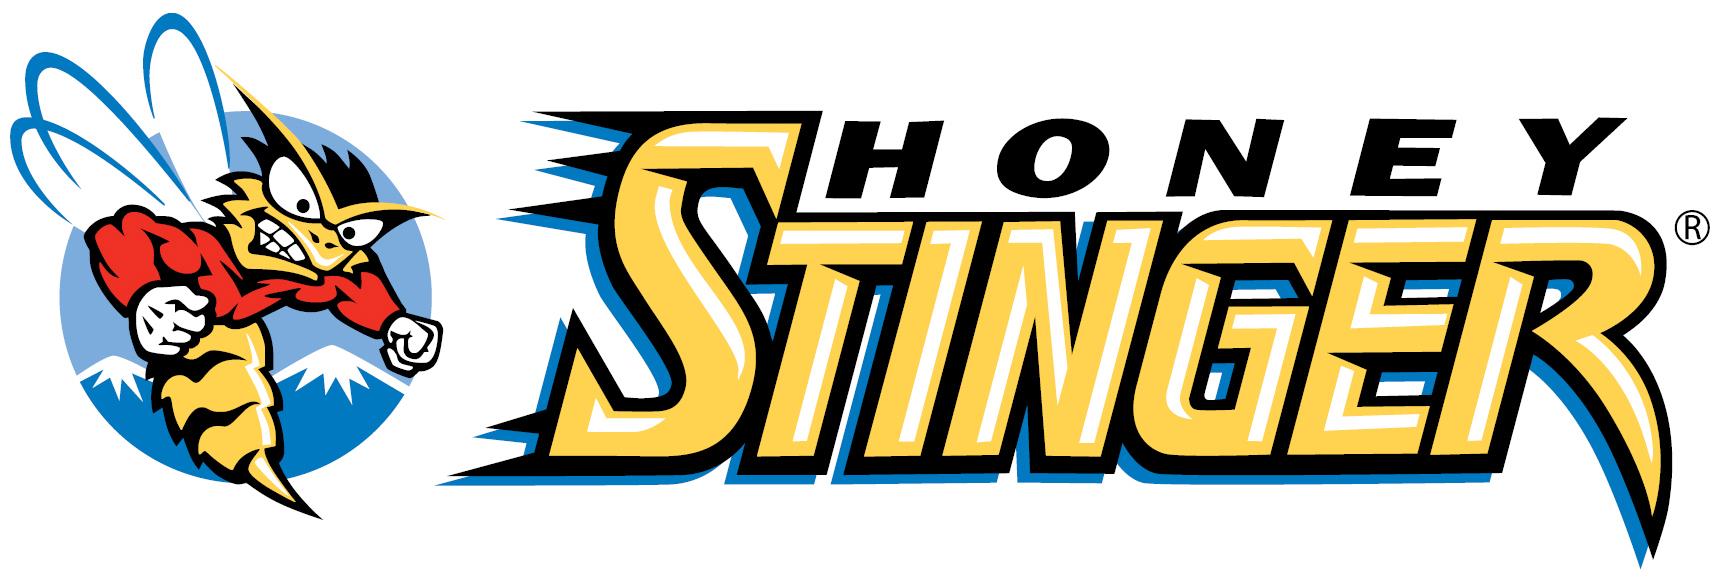 Honey Stinger Hive Sponsored Athlete